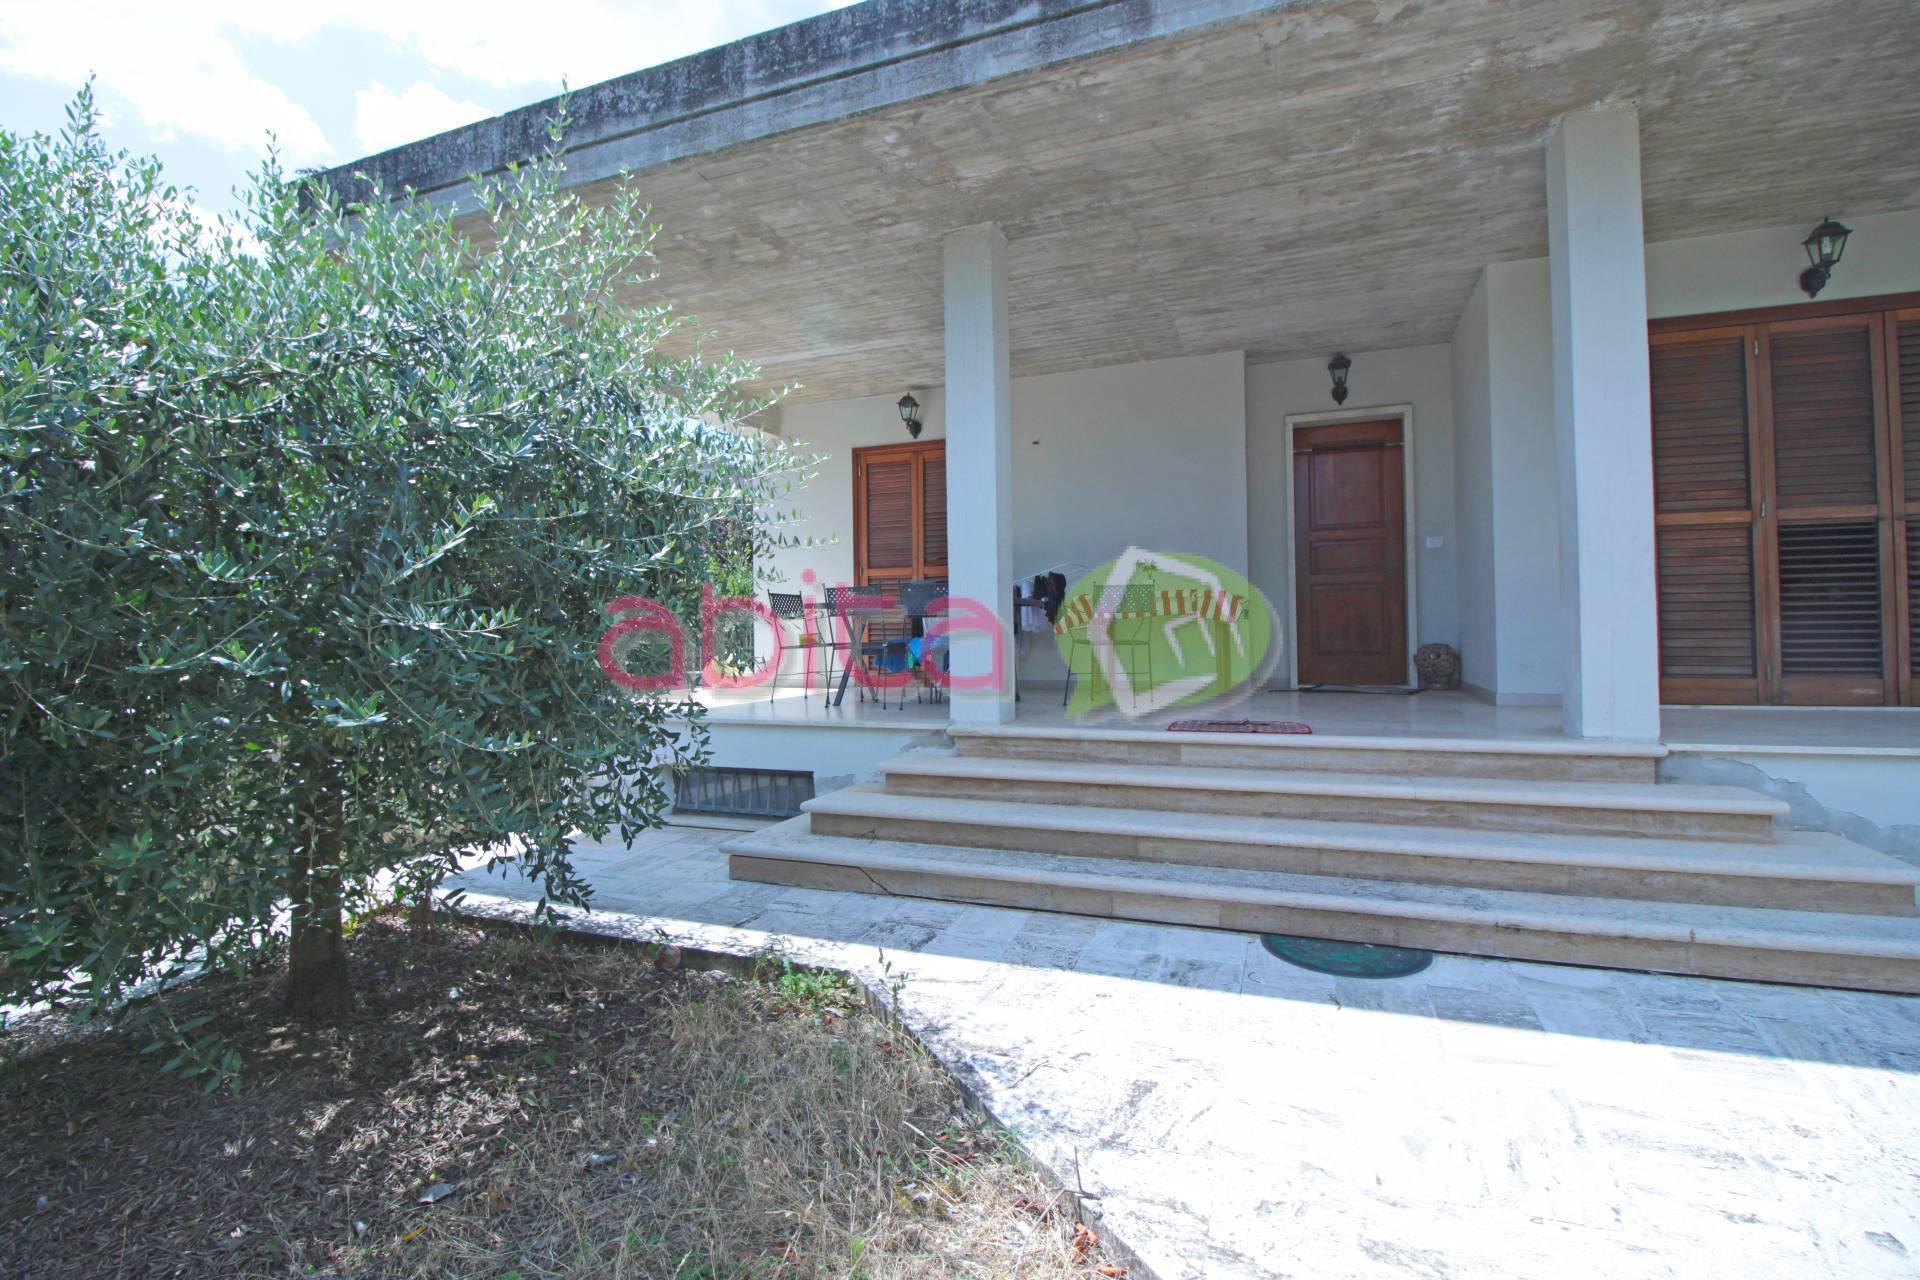 Capannone in vendita a Spinetoli, 9999 locali, zona Località: PagliaredelTronto, prezzo € 265.000 | CambioCasa.it